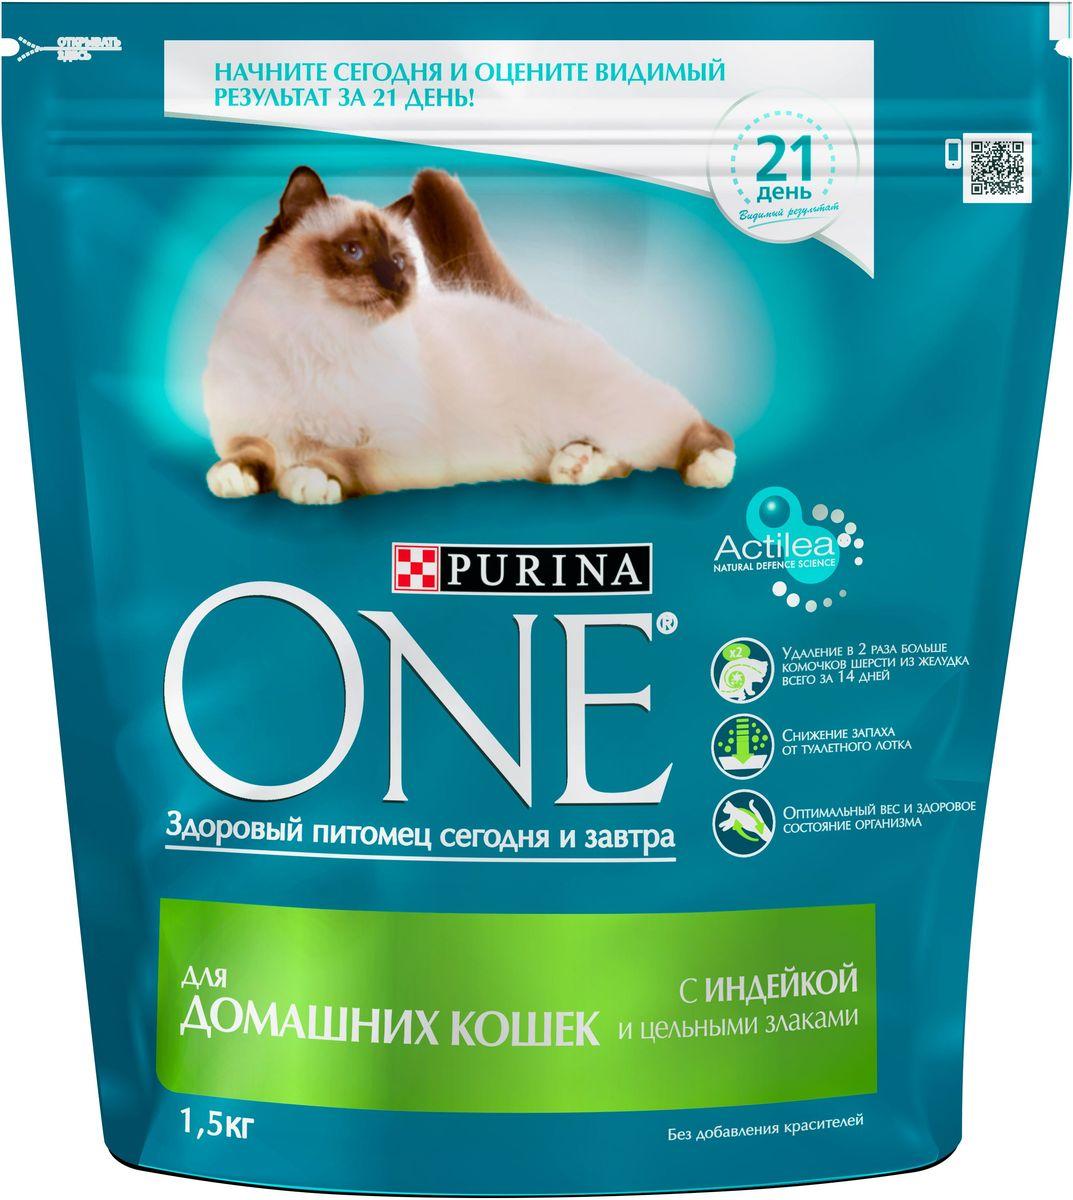 Корм сухой Purina One Indor для домашних кошек, с индейкой и цельными злаками, 1,5 кг64088Корм для домашних кошек Purina ONE с индейкой и цельными злаками представляет собой специально разработанное ведущими ветеринарами питание для питомцев, которое обеспечивает оптимальное состояние здоровья и веса животного за счет высокого содержания белка. Но помимо протеина домашним кошкам нужно еще и достаточное количество клетчатки в рационе, которая также входит в состав корма от Purina ONE.На запах из кошачьего лотка влияет содержащийся в корме цикорий, а тщательно подобранный баланс минеральных веществ обеспечивает здоровье мочевыделительной системы питомцев. Корм для домашней кошки Purina ONE с индейкой и цельными злаками положительно сказывается и на уровне активности животного, которое иногда не переступает порог дома на протяжении всей своей жизни.Состав:индейка; (17%), цельная пшеница (17%), кукурузный глютен, сухой белок домашней птицы, кукуруза, животный жир, высушенная мякоть сахарной свеклы, концентрат белка гороха, высушенный корень цикория (2%), минеральные вещества, кормовая вкусоароматическая добавка, дрожжи (1%), рыбий жир, витамины.Добавленные вещества:МЕ/кг: витамин А: 36 960; витамин D3: 1 120; витамин E: 770мг/кг: витамин С: 160; таурин: 780; железо: 253; йод: 3,2; медь: 50; марганец: 105; цинк: 428; селен: 0,29С антиокислителямиГарантируемые показатели:Белок: 34,0%, жир: 13,0%, сырая зола: 7,5%, сырая клетчатка: 6,0%.Товар сертифицирован.